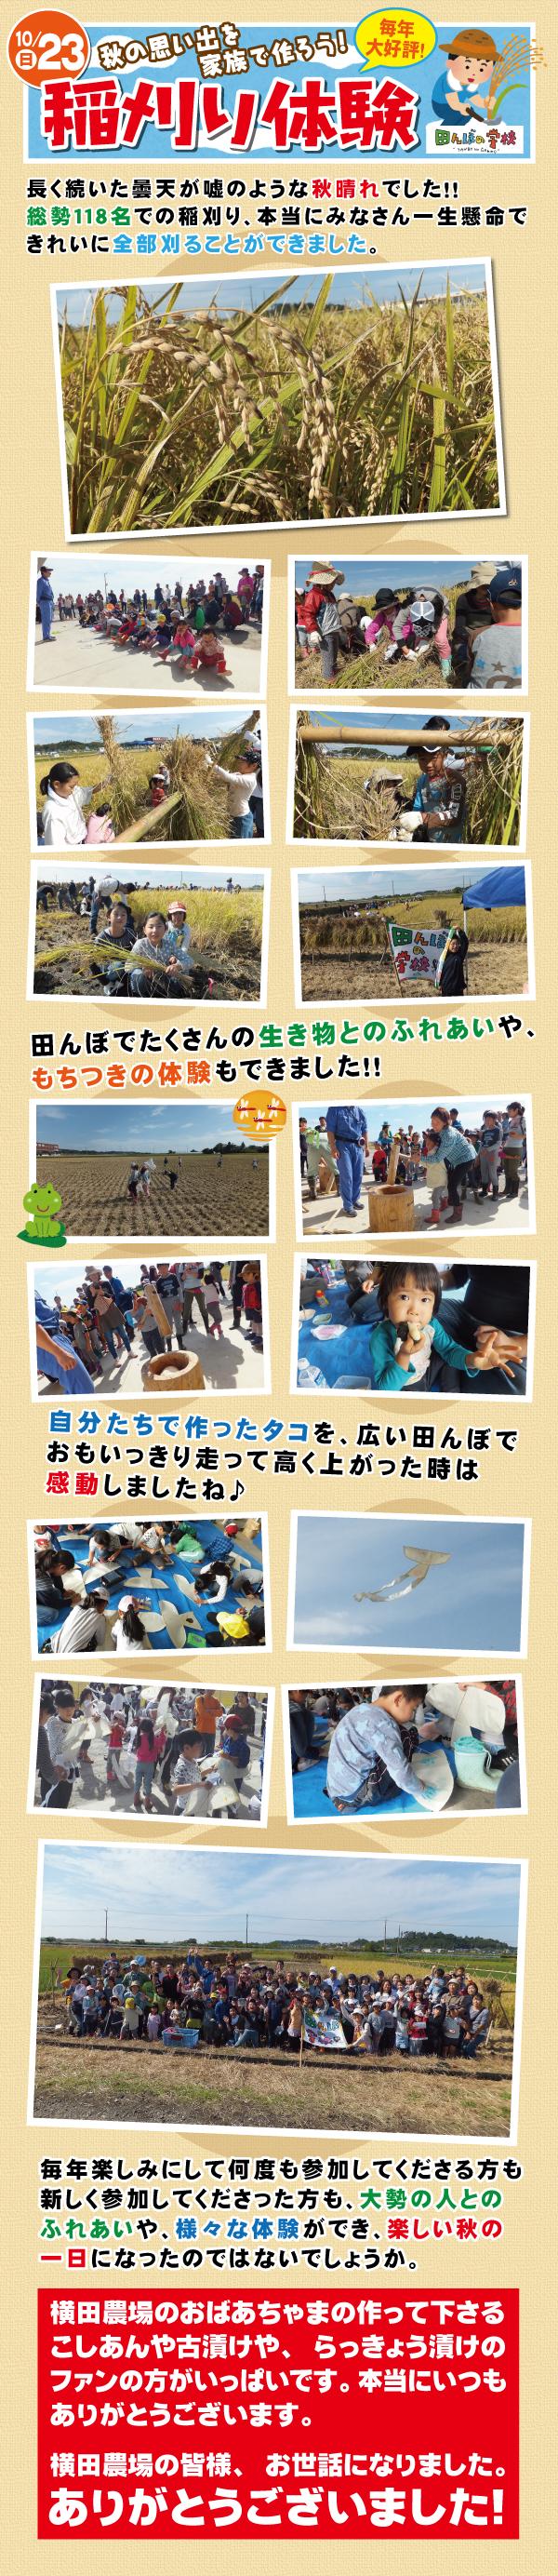 20161023稲刈り